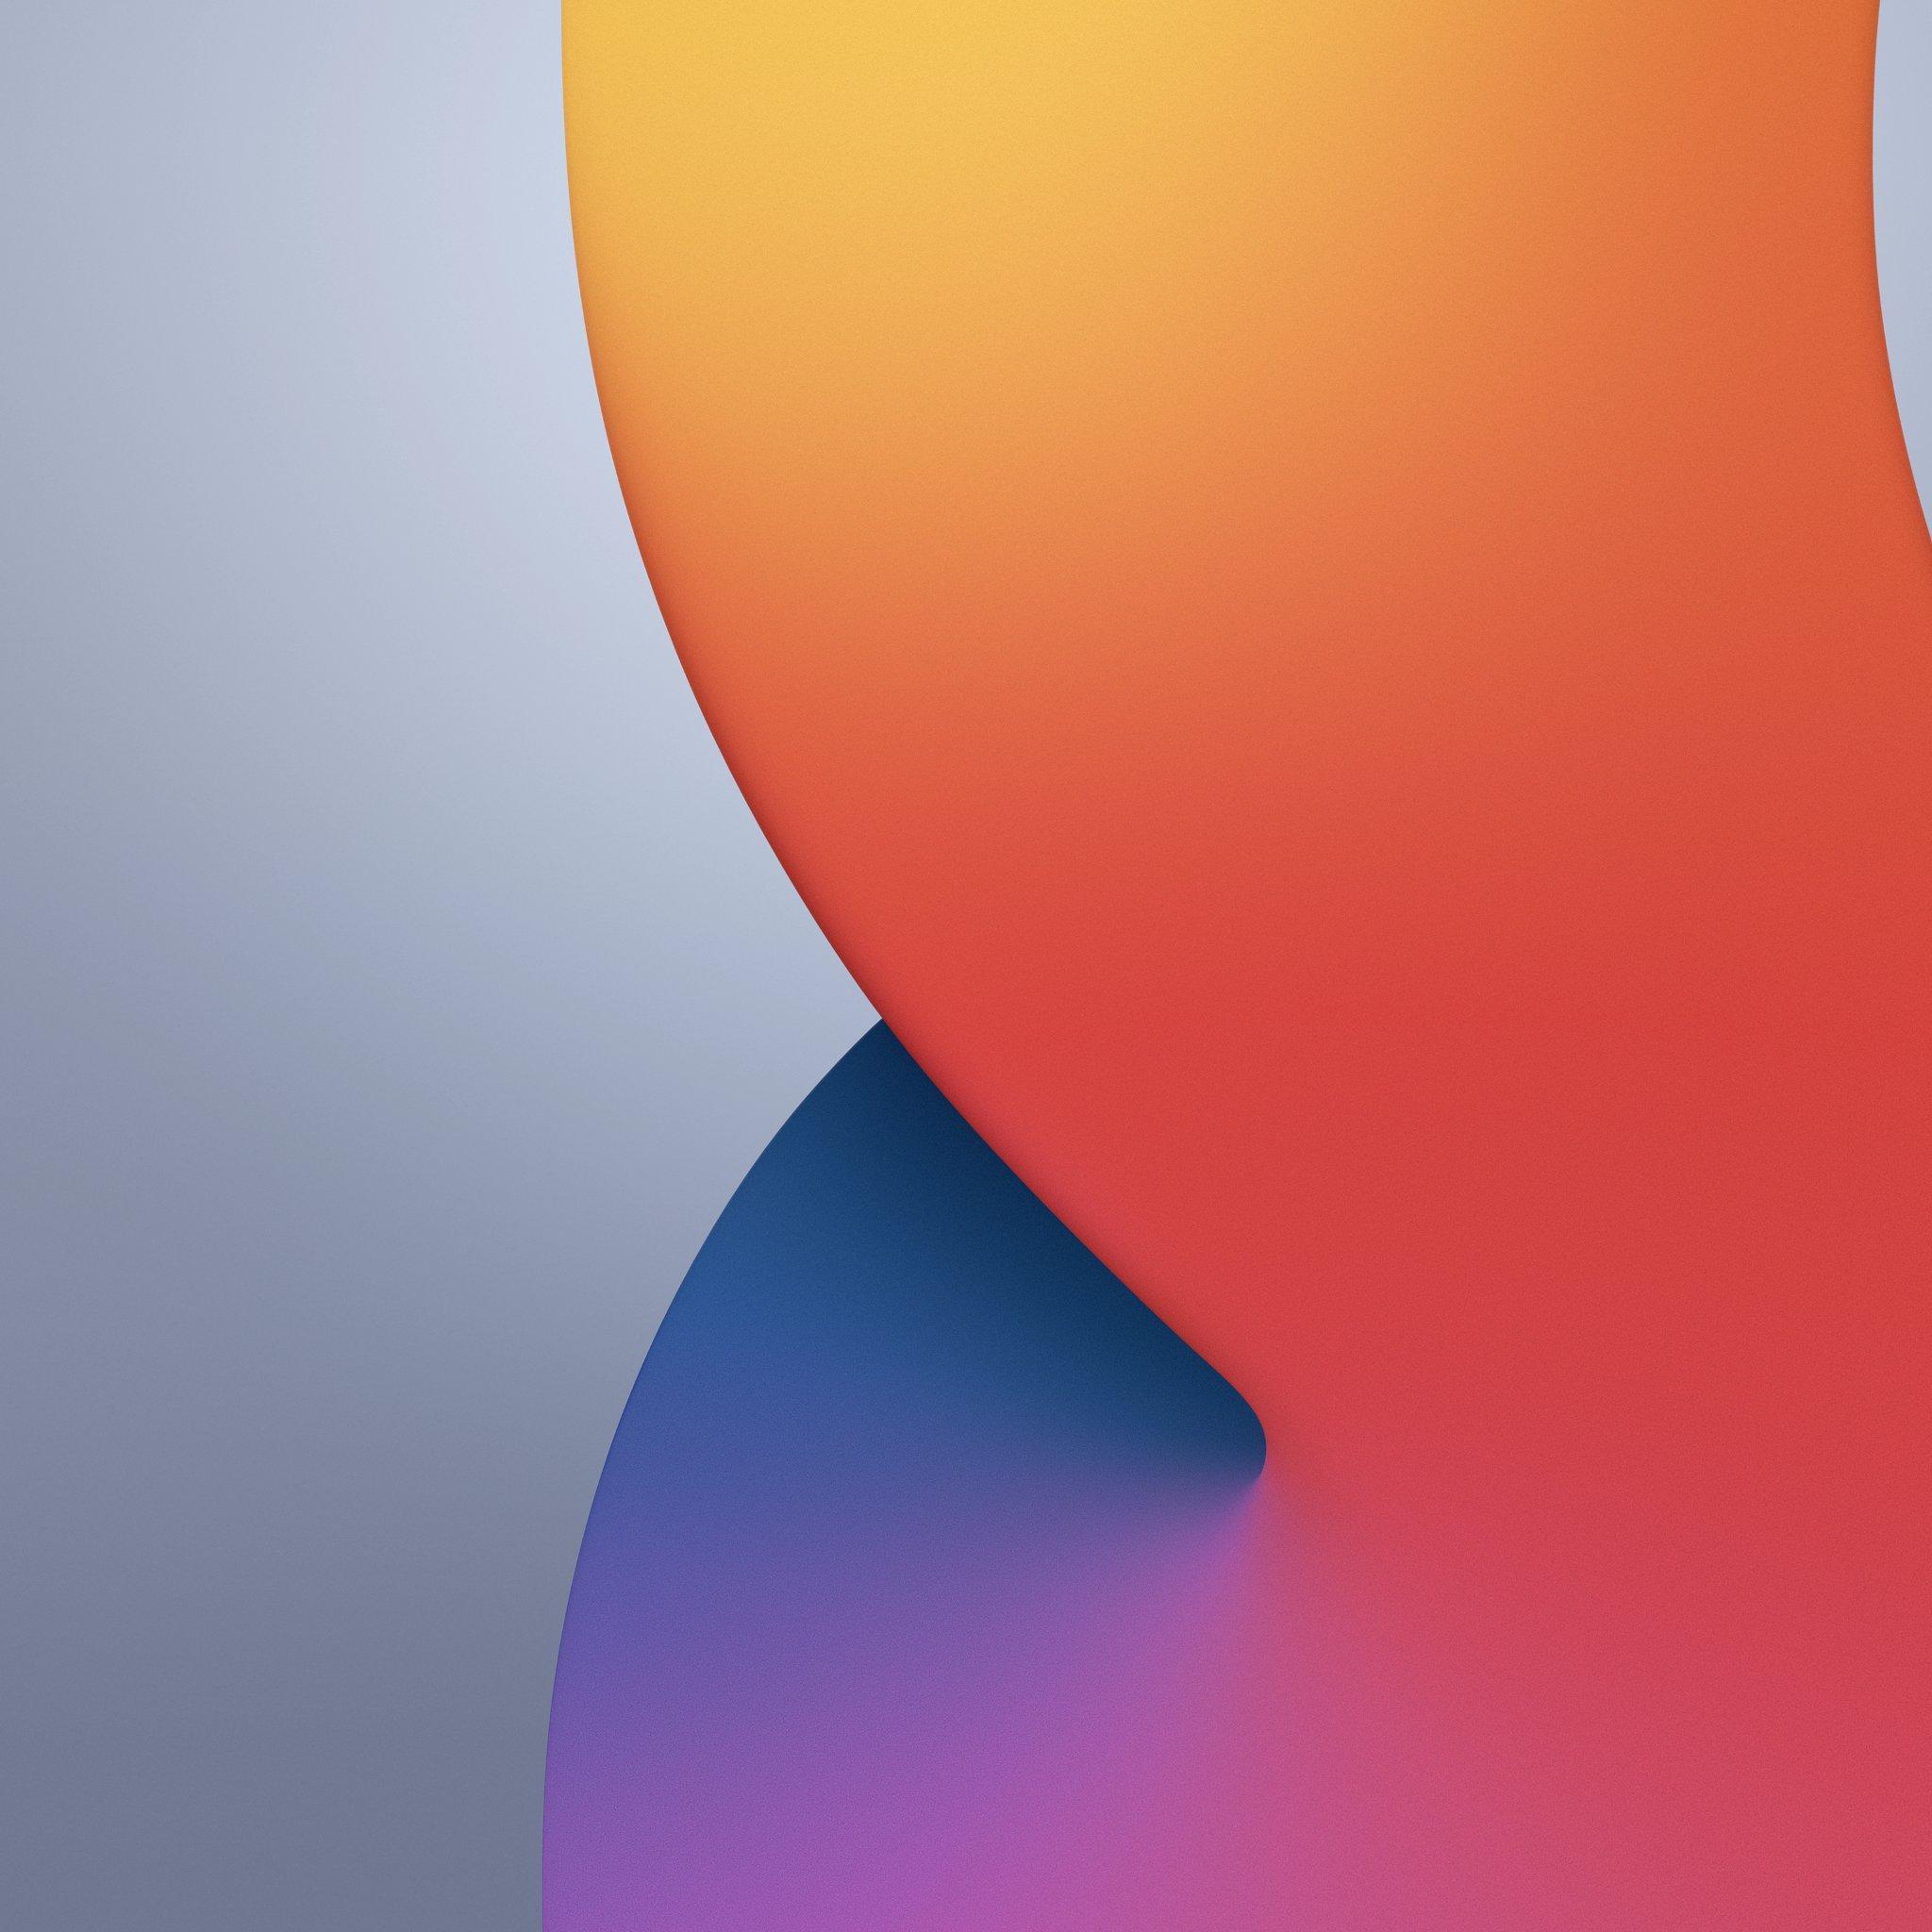 Обои iOS 14 уже можно скачать для iPhone и iPad